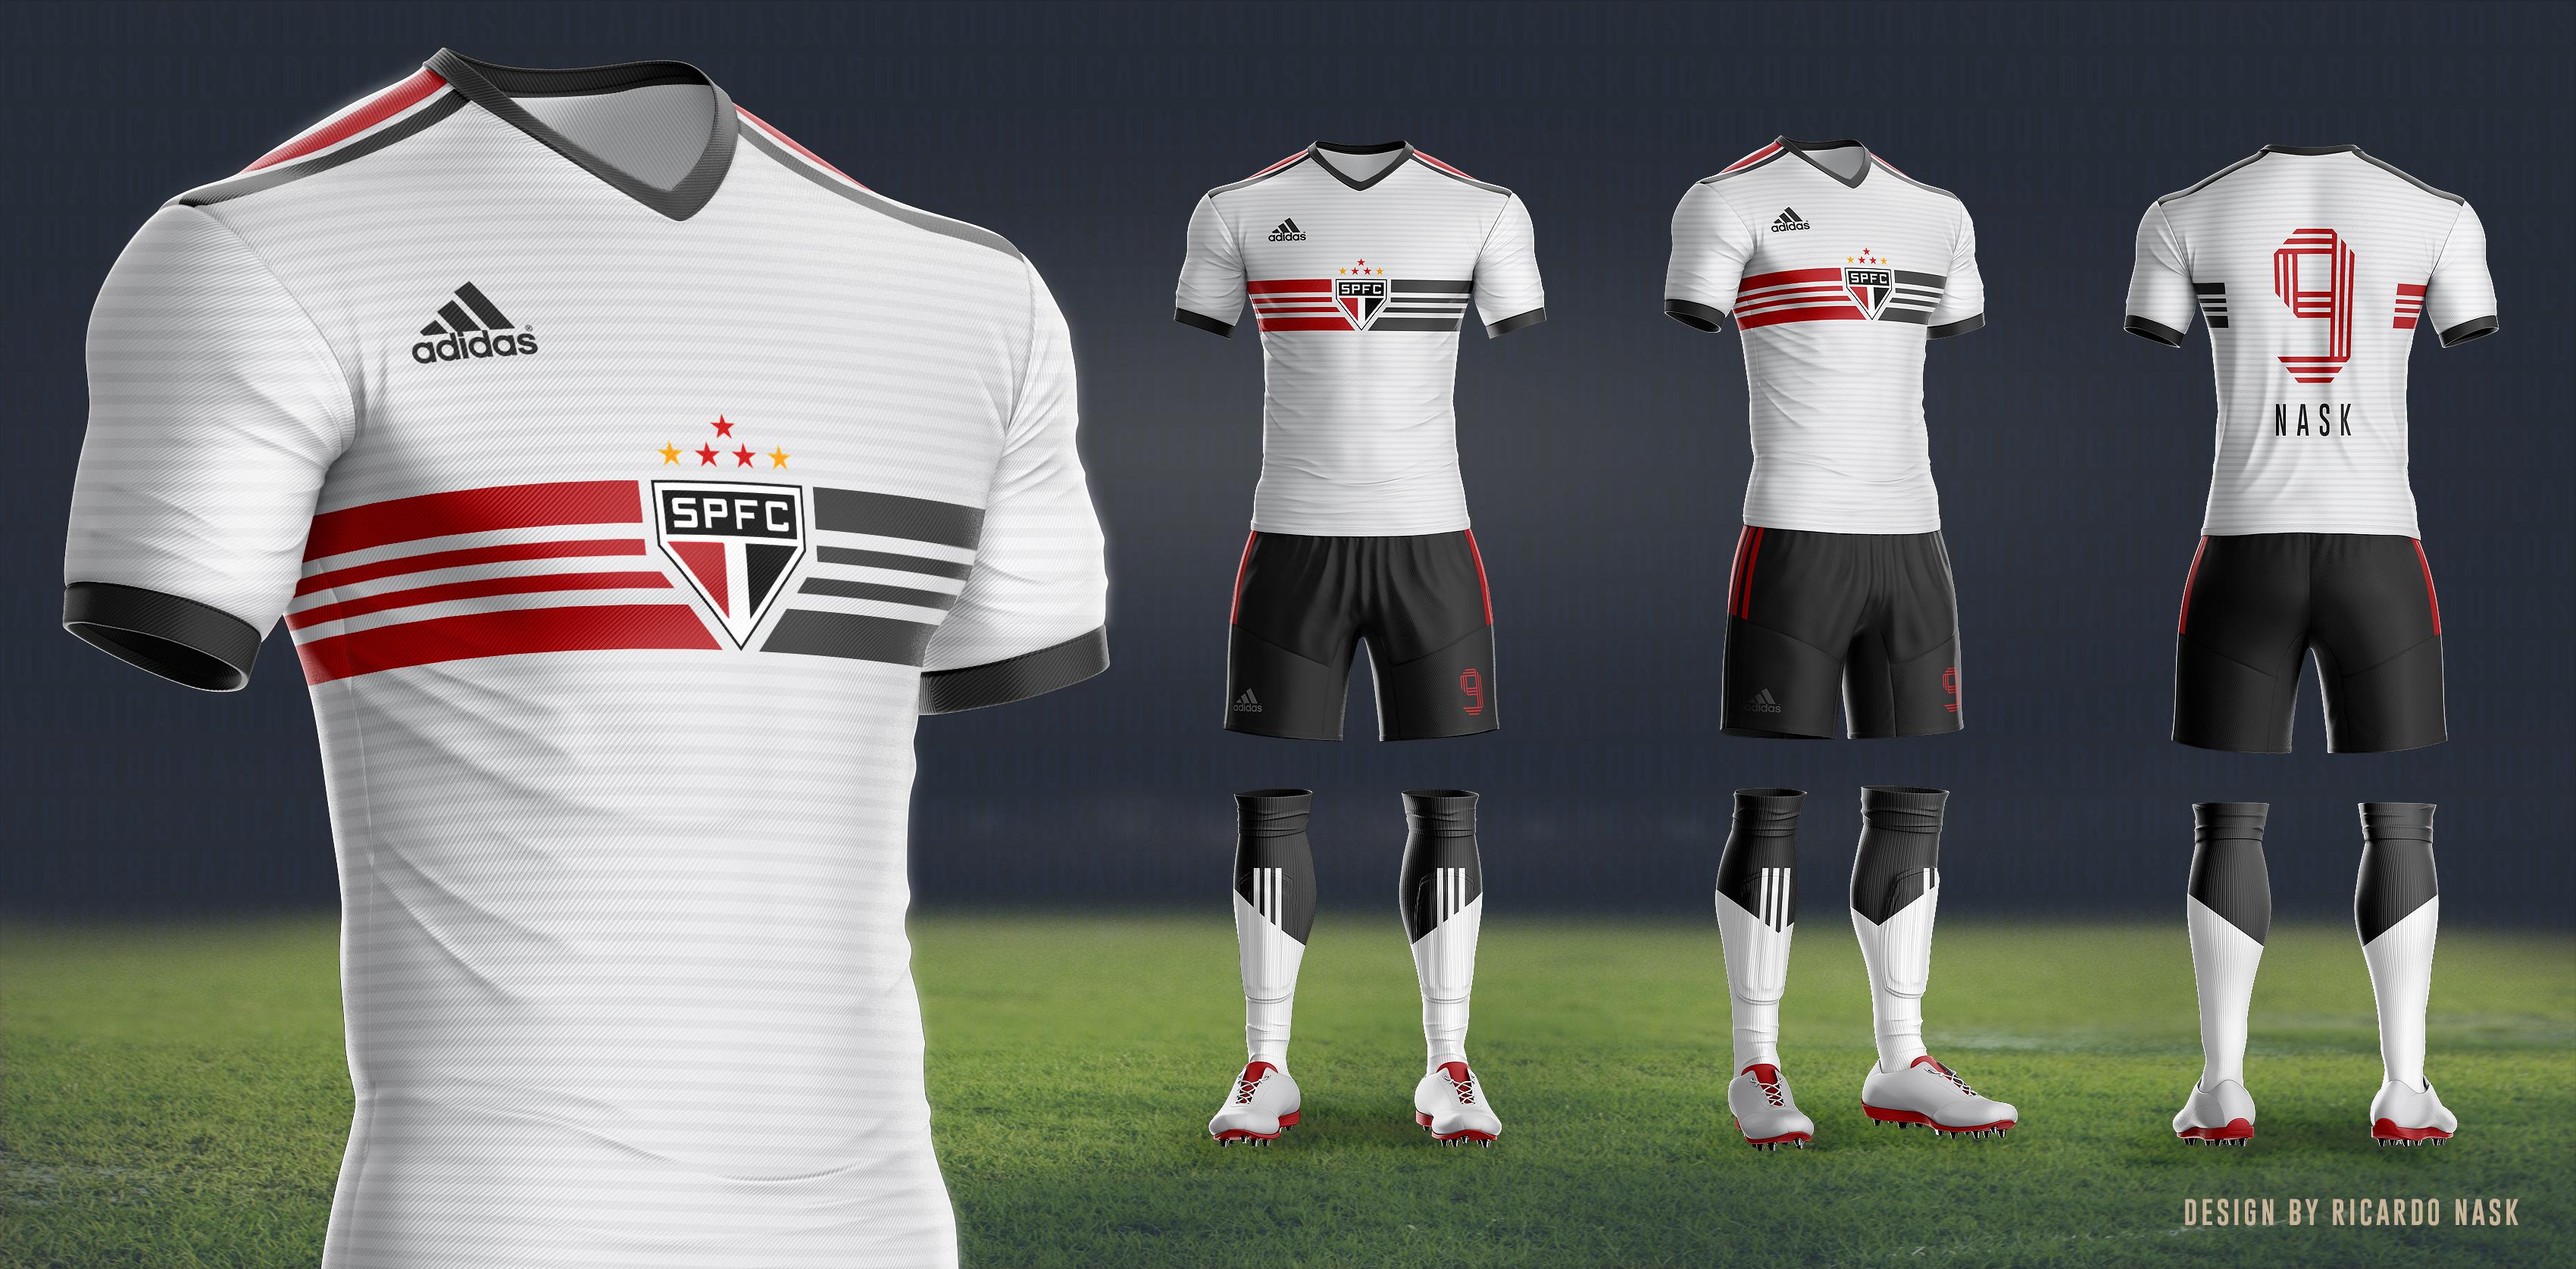 58e01501aa87e Design de uniformes novos: Adidas e São Paulo – SãoPaulo.Blog